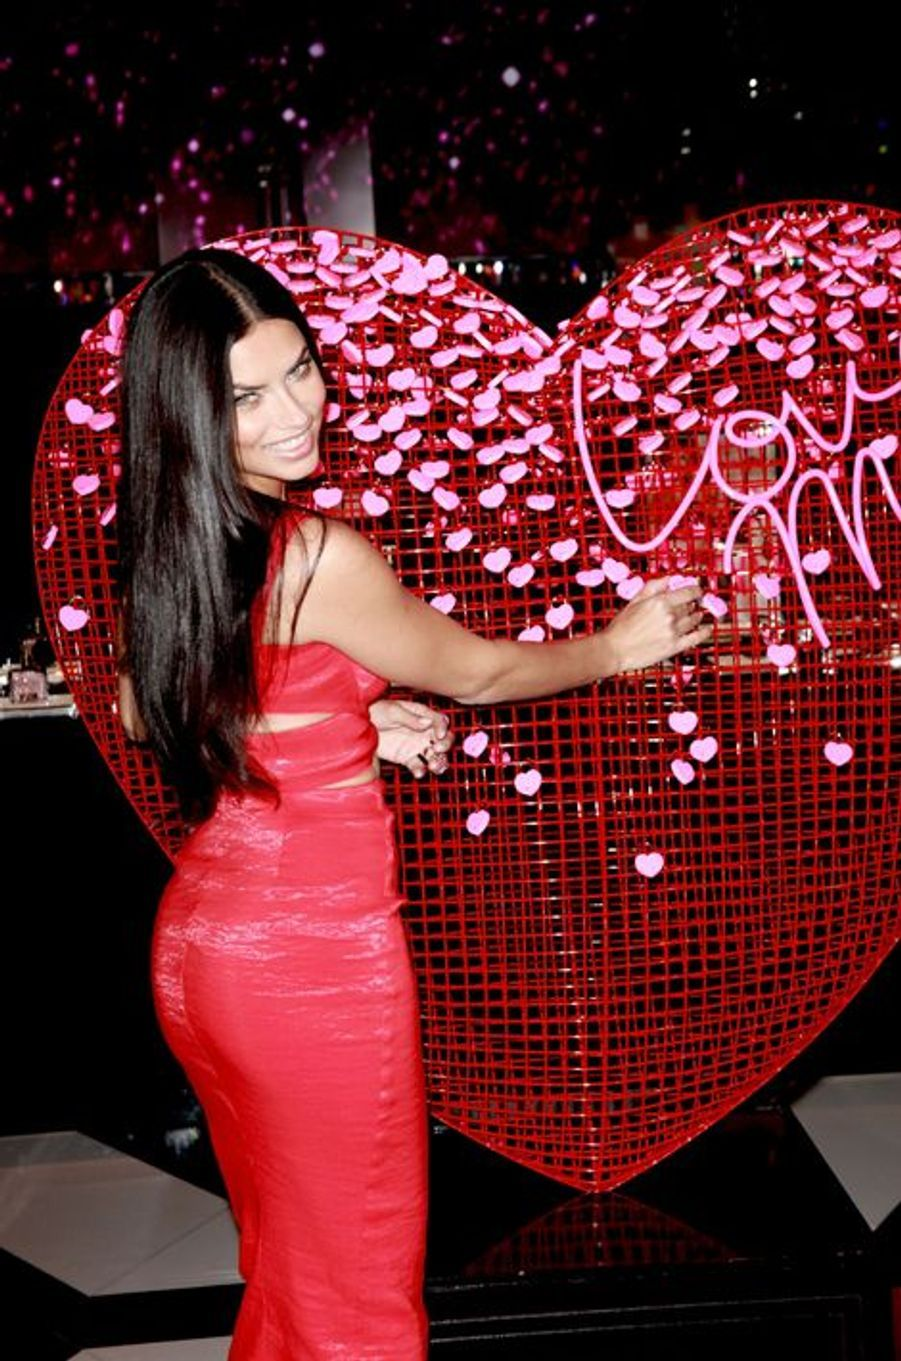 Autre Ange star de Victoria's Secret depuis près de quinze ans, Adriana Lima est également égérie de la marque de cosmétiques Gemey Maybelline et devient la première ambassadrice de l'enseigne espagnole Desigual en 2014. Une année riche en contrats publicitaires qui lui a rapporté 8 millions de dollars.